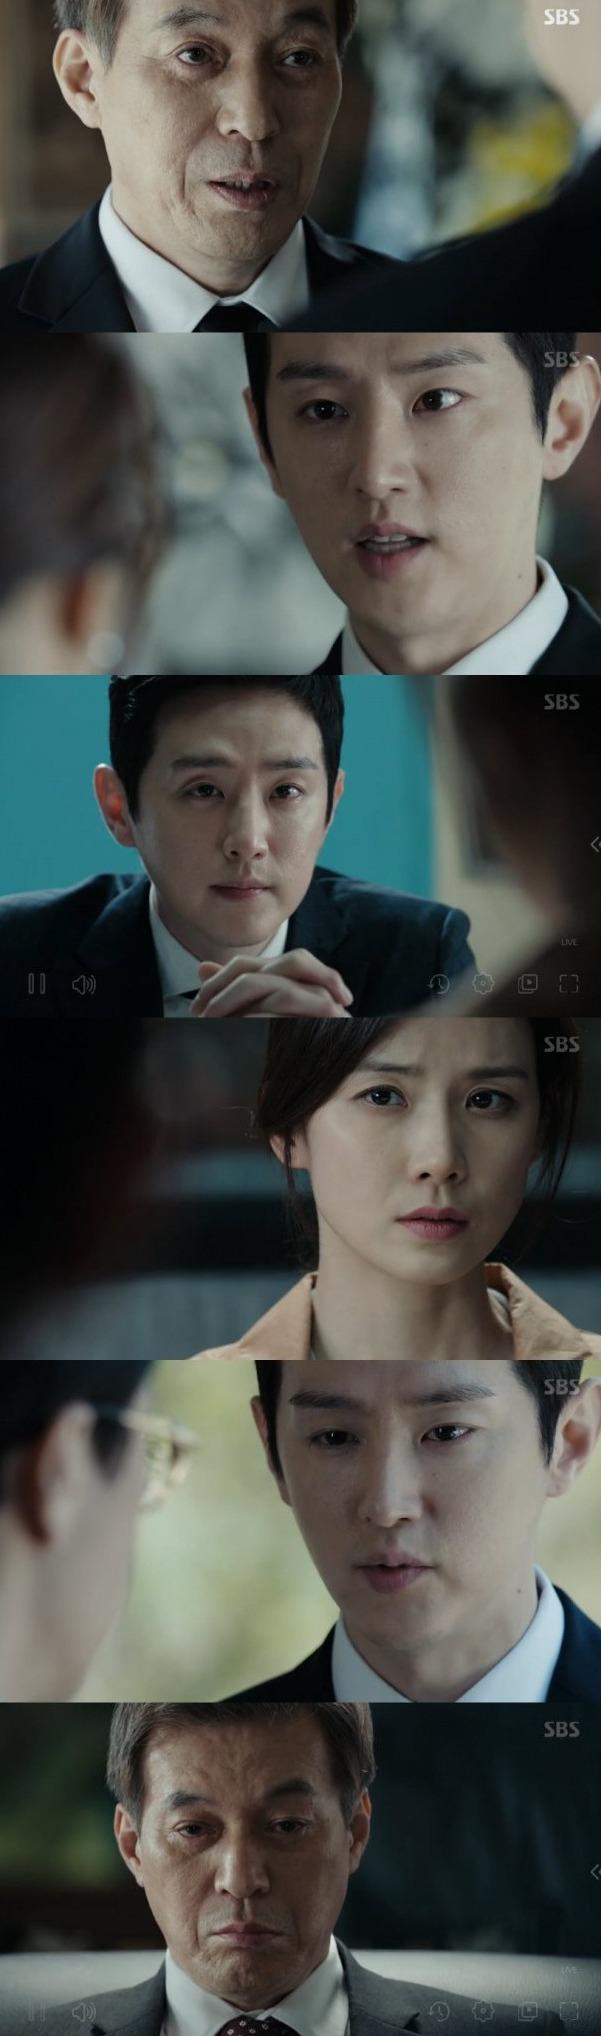 [Spoiler] Added episode 11 captures for the Korean drama 'Whisper'